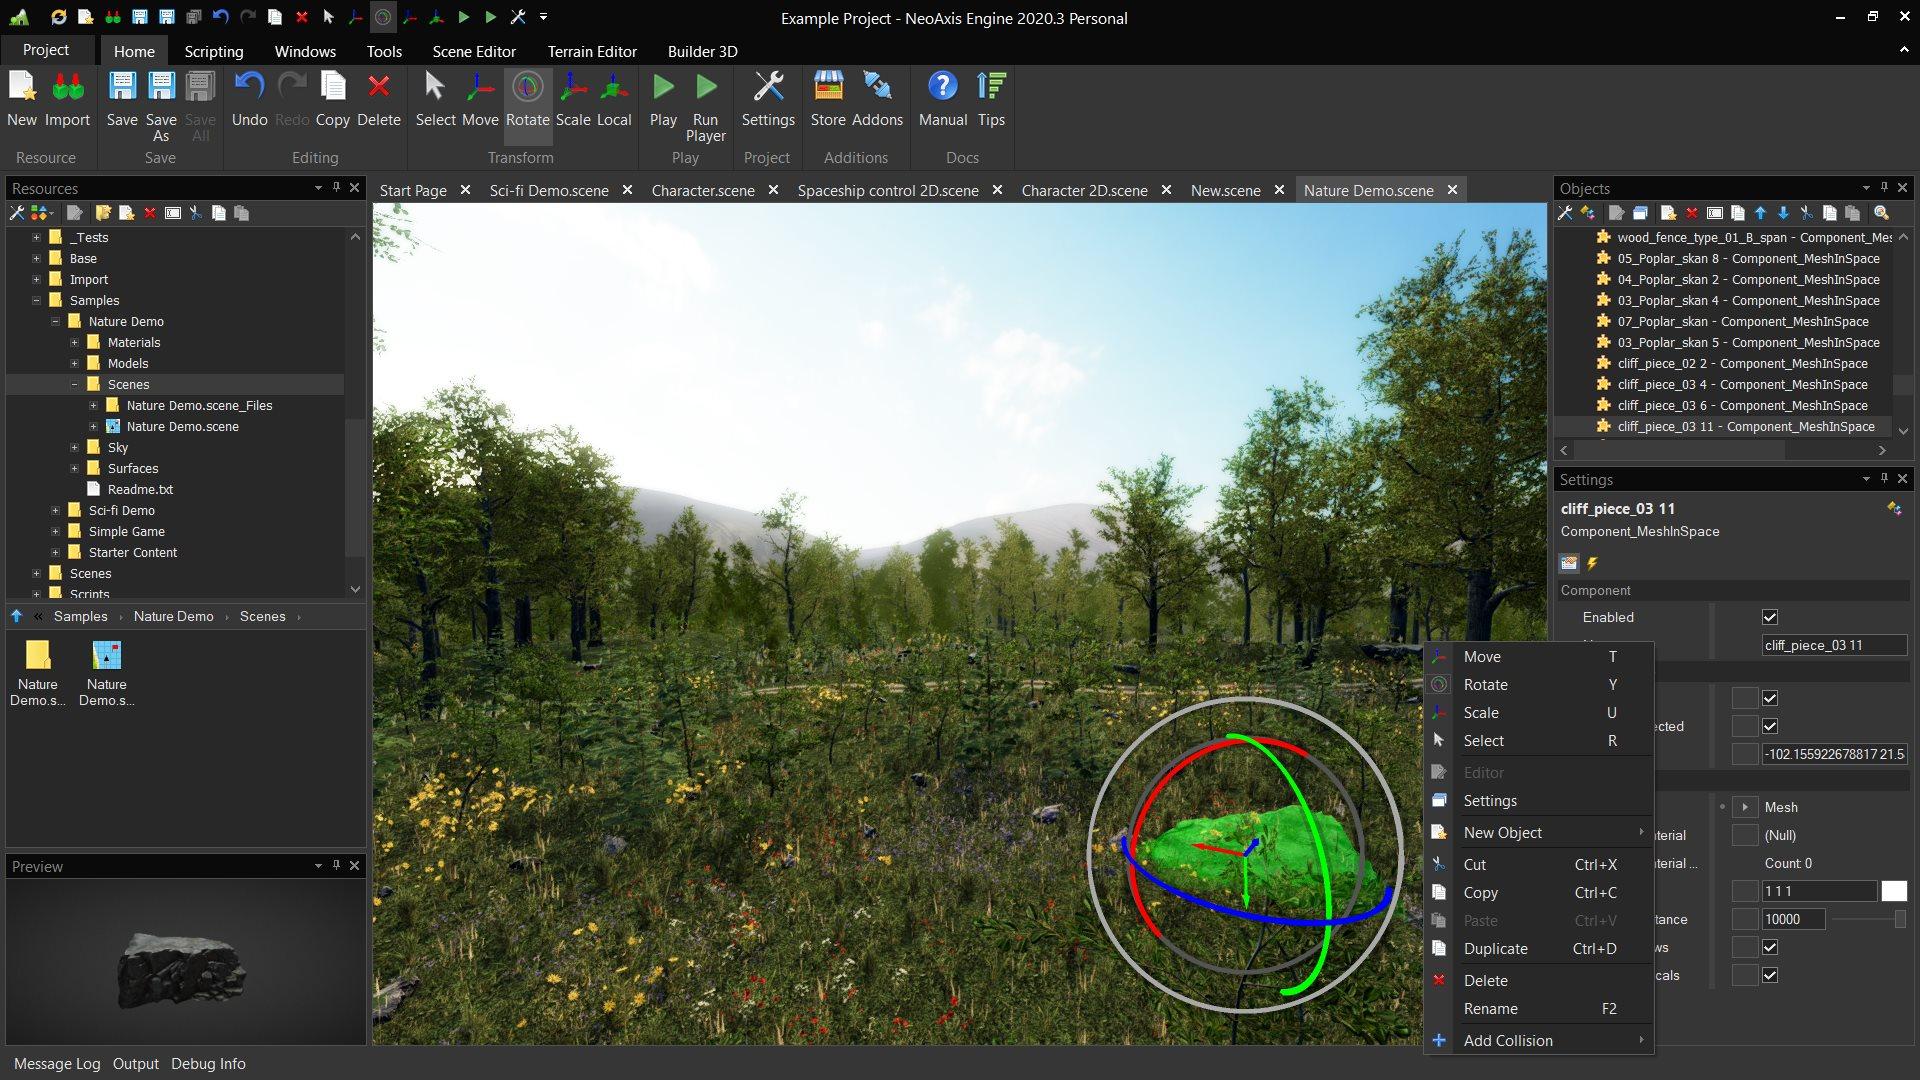 NeoAxis Engine 2020.3 | NeoAxis Engine, 3D/2D игровой движок, теперь Open Source